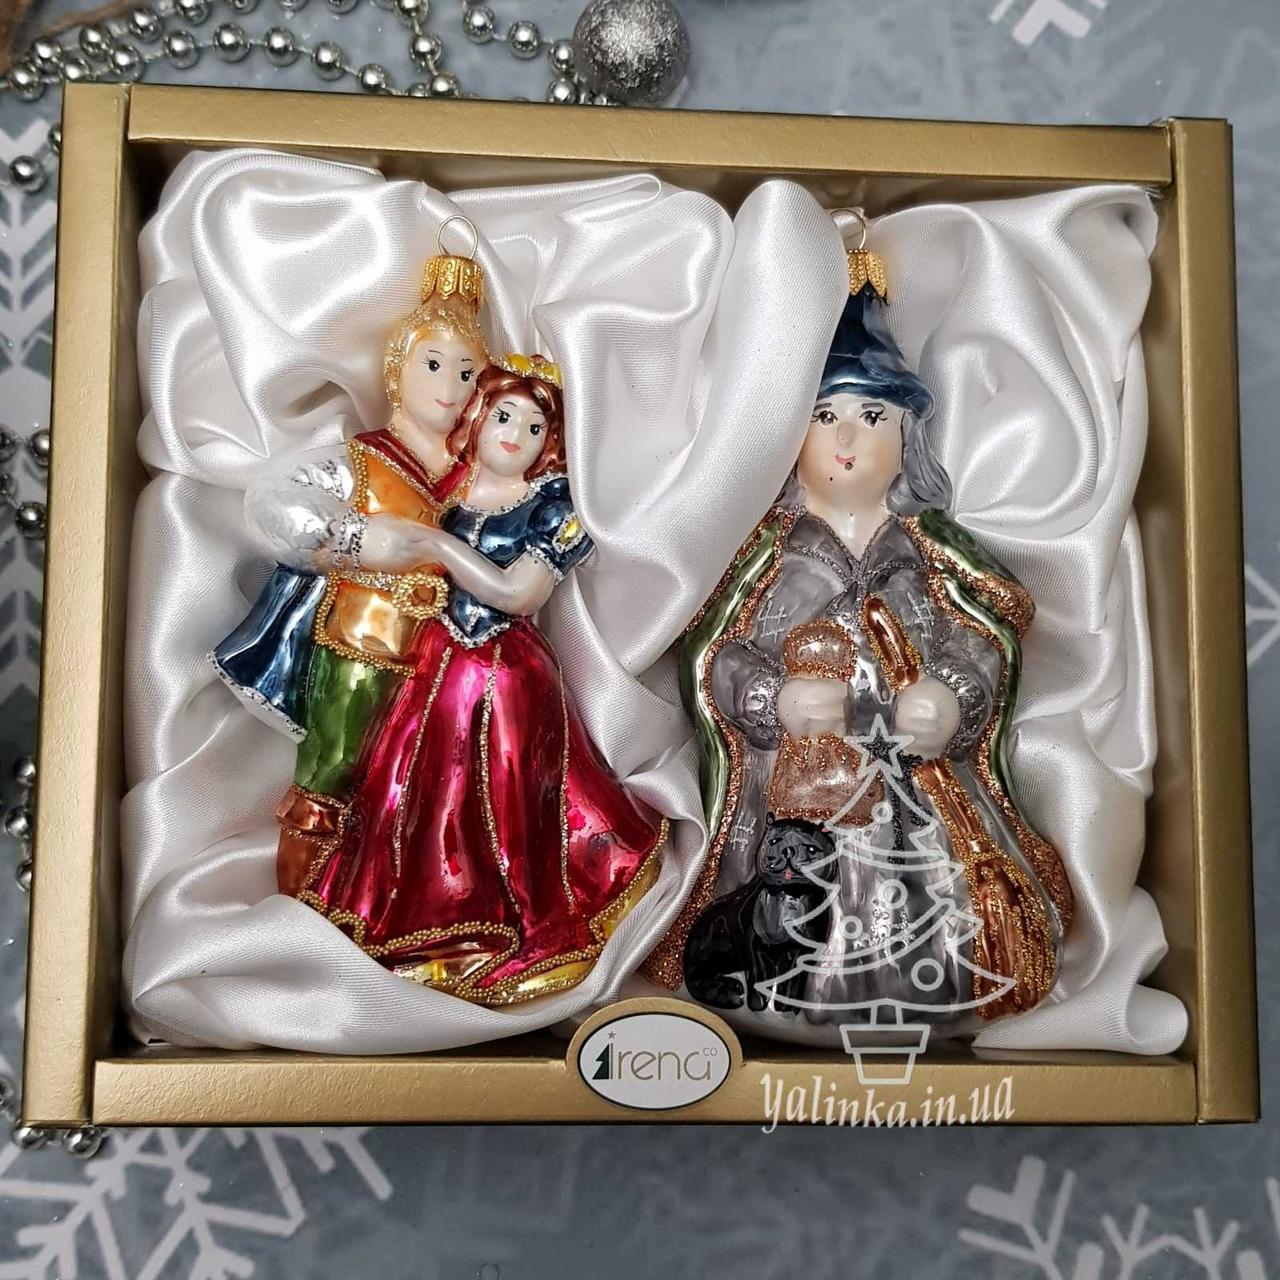 Irena набор Белоснежка и колдунья  Стеклянные игрушки на елку ручной работы